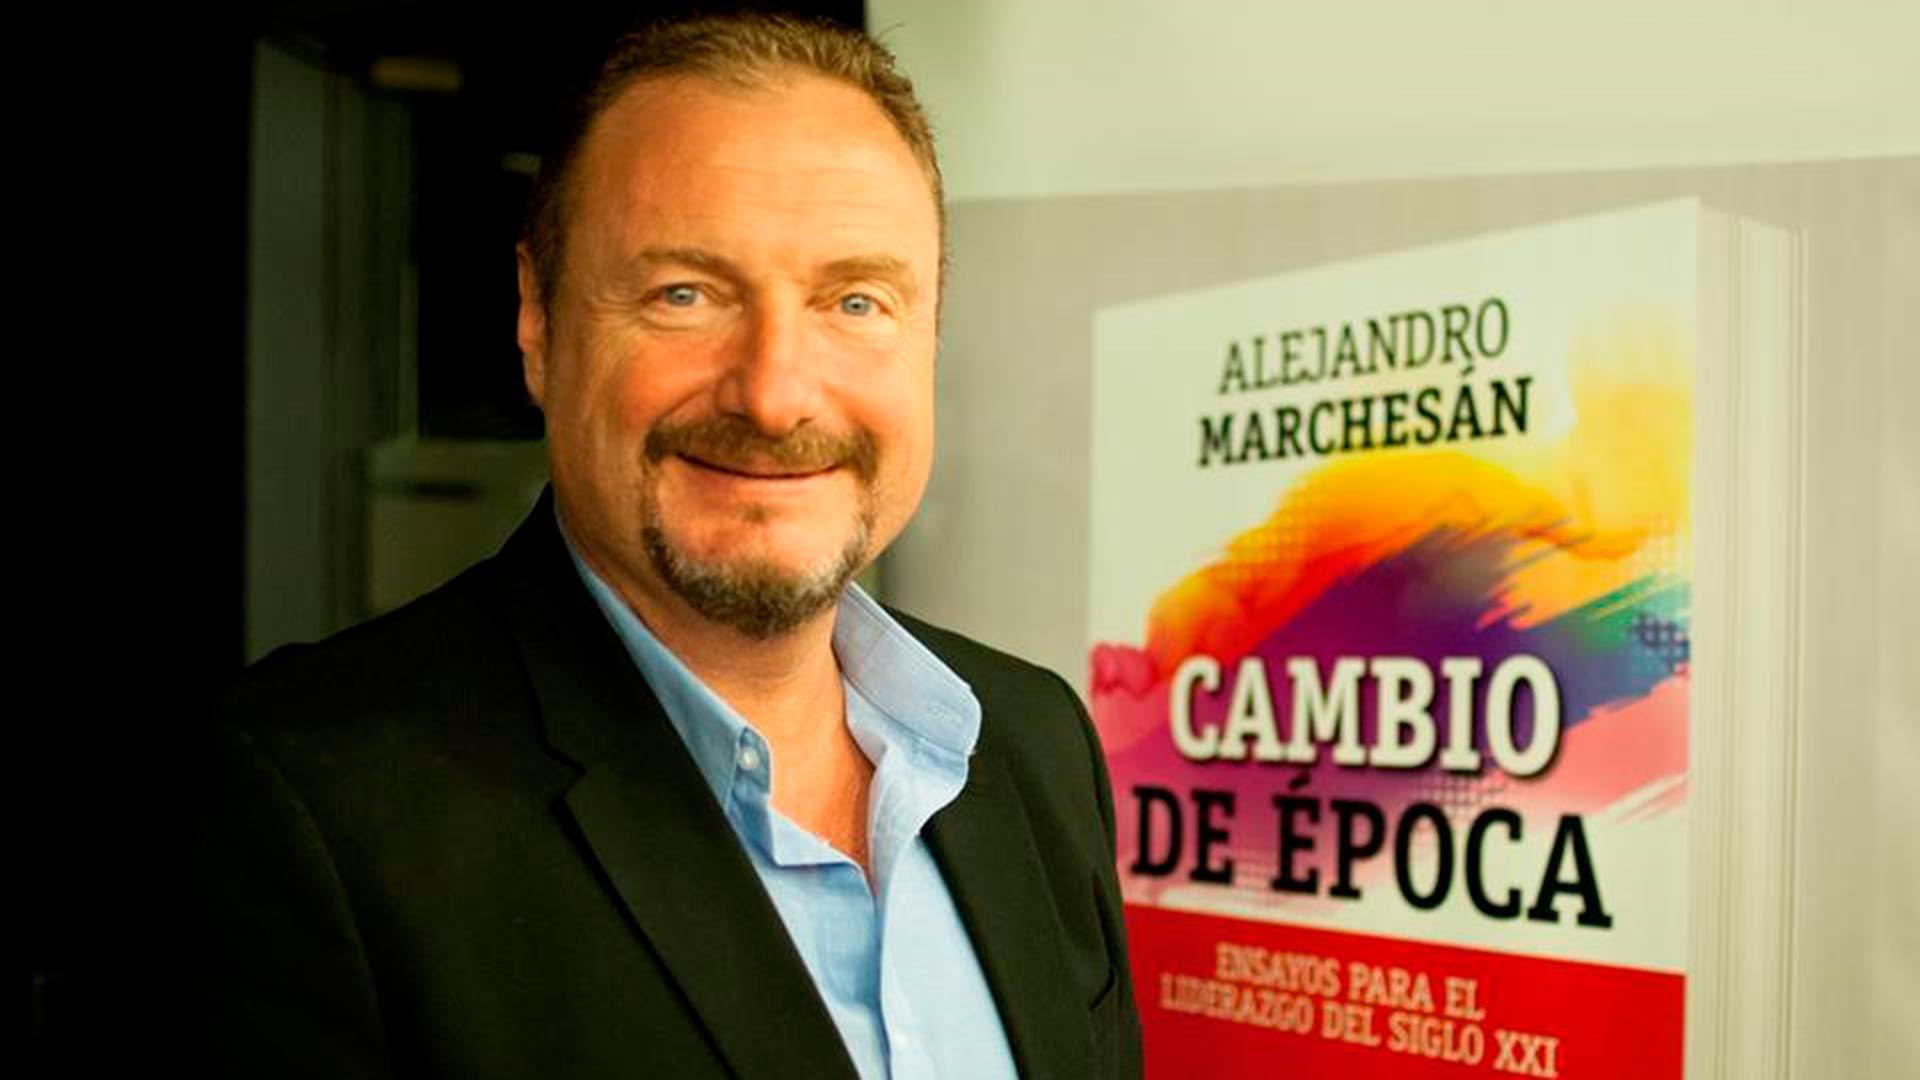 Alejandro Marchesán